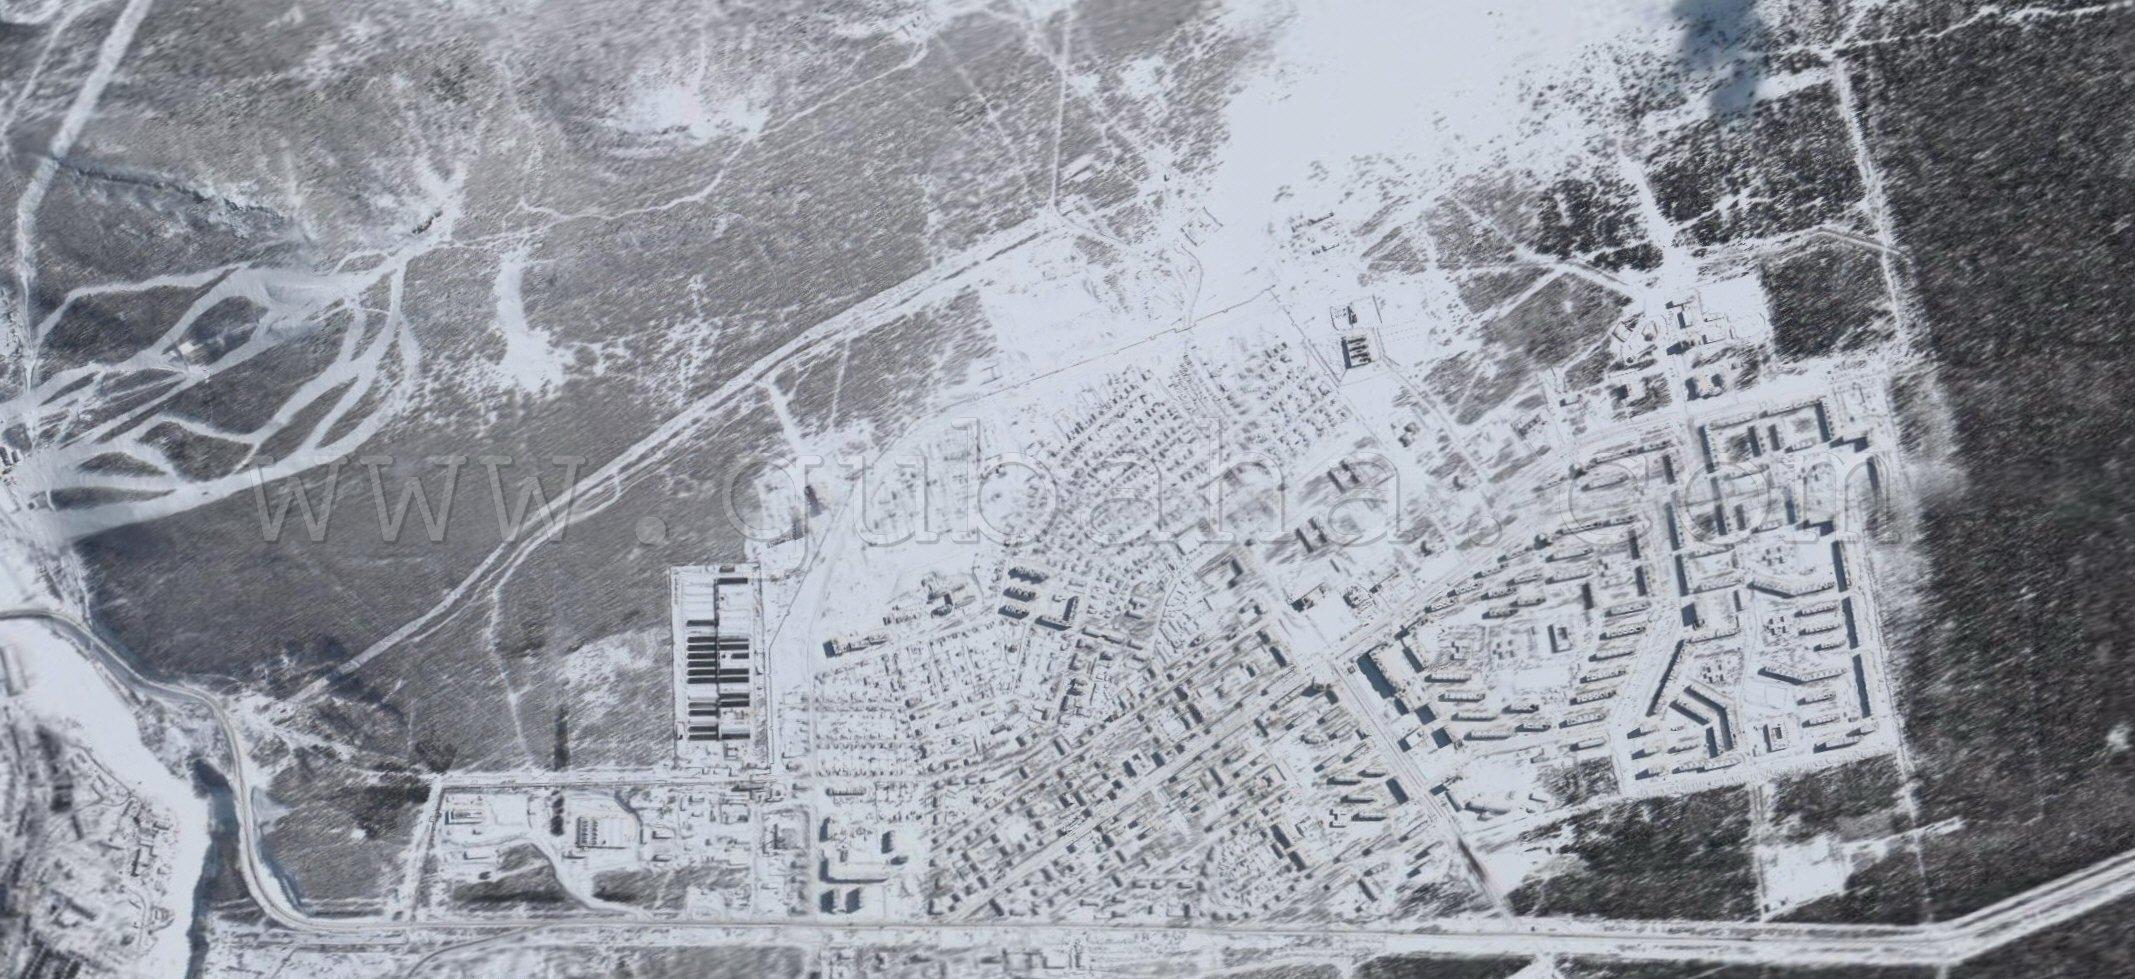 Губаха 019.jpg 2006 год Горнолыжный центр Губаха горные лыжи сноуборд Город Губаха Фото Город Губаха (большое фото)